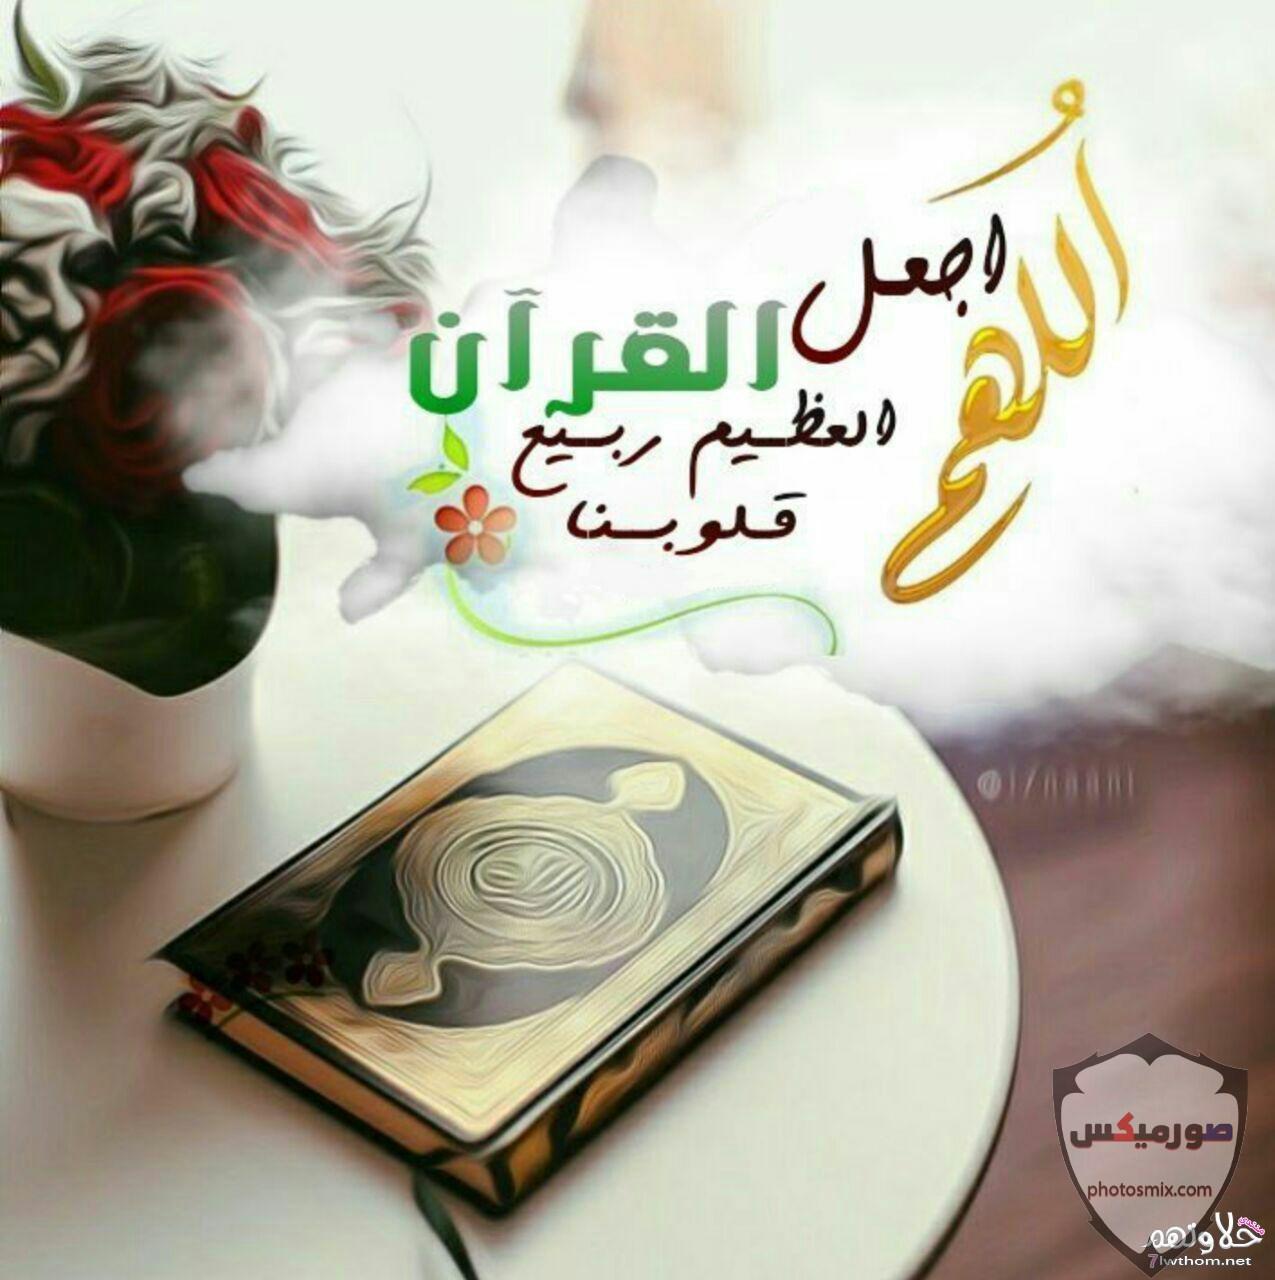 صور ادعية دينية اسلامية مصورة 2020 8